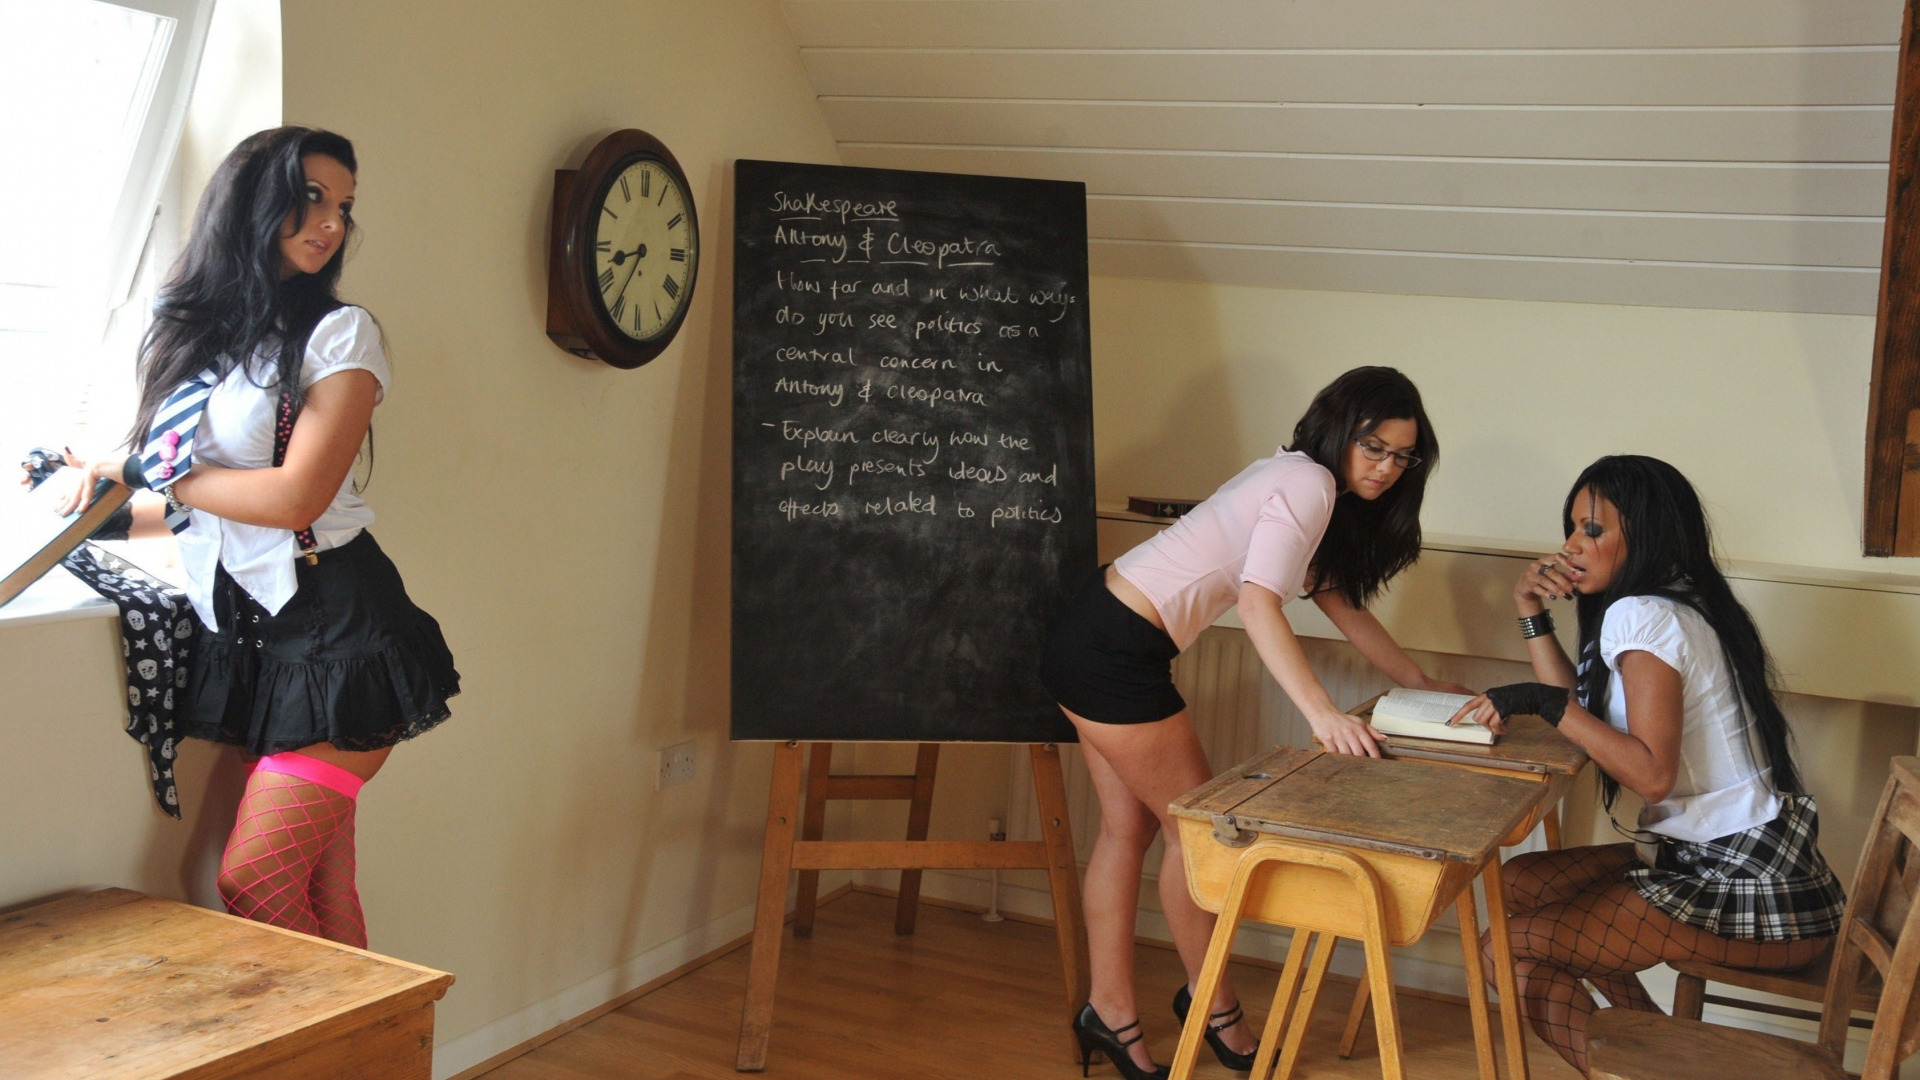 Преподаватель трахается с двумя студентками на столе в кабинете  497091